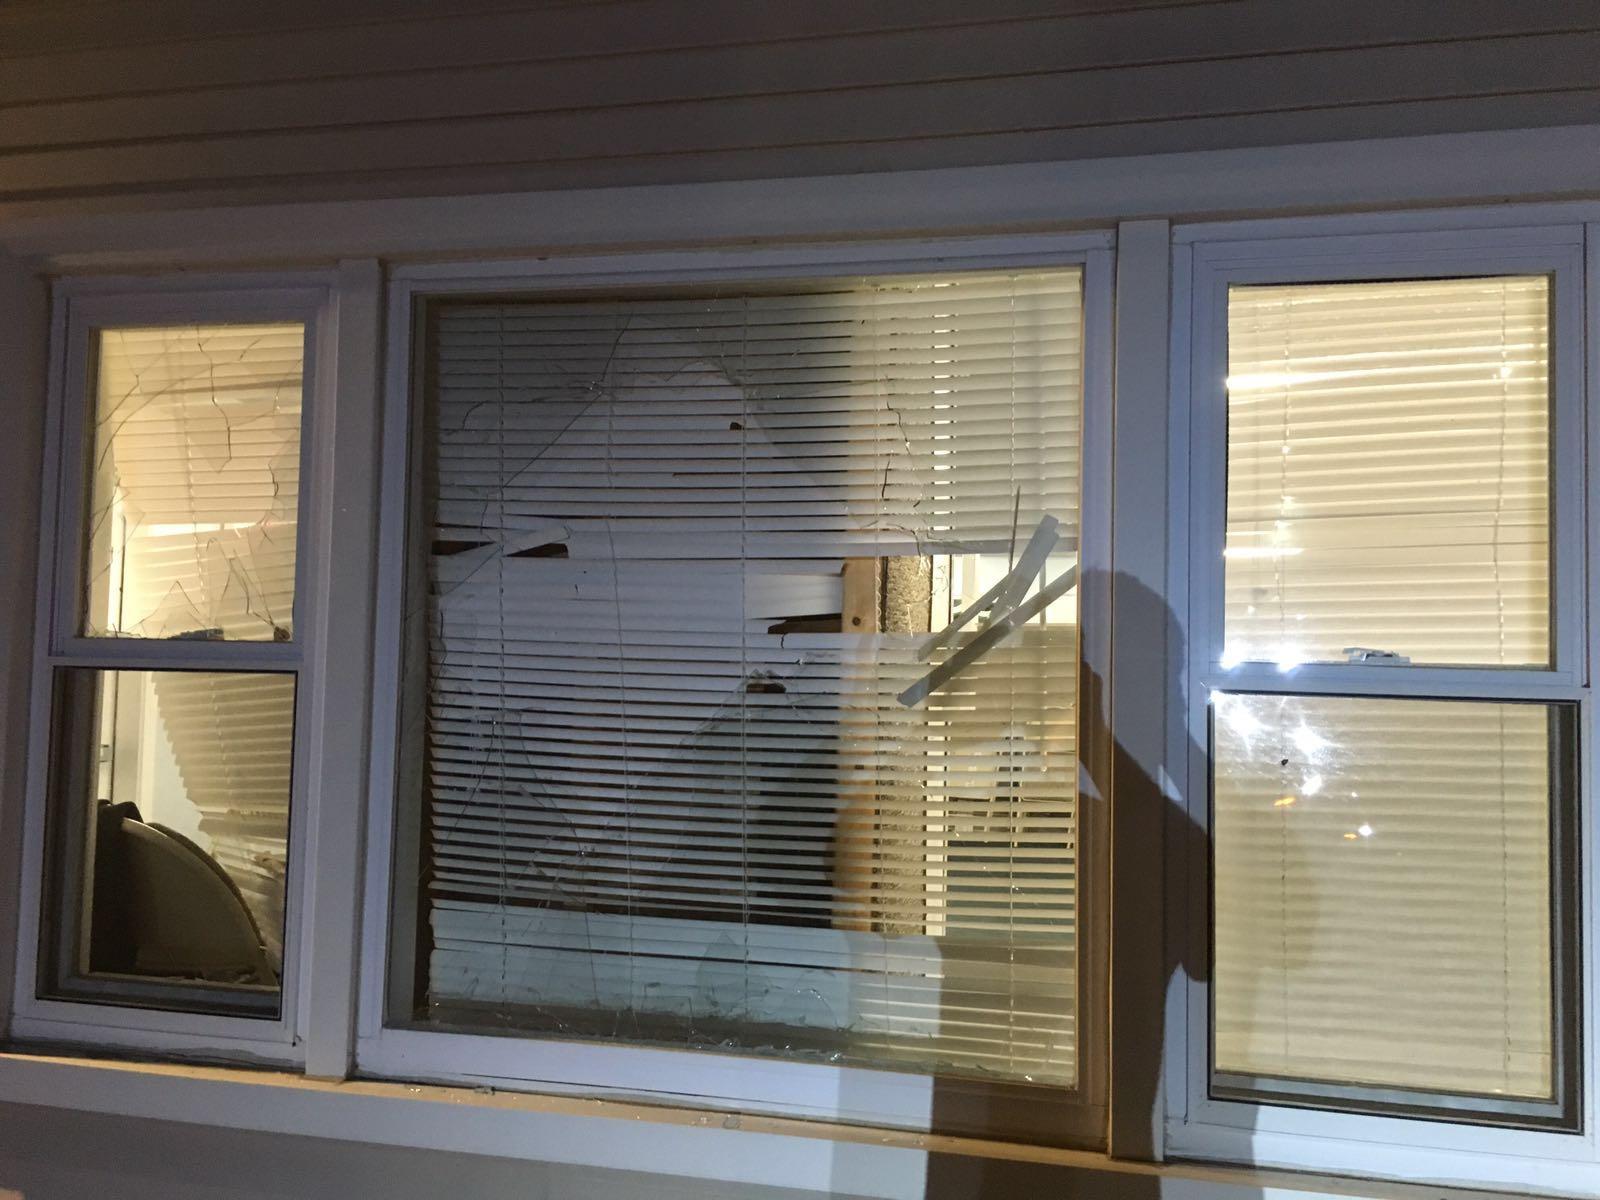 Broken window, oh noes!